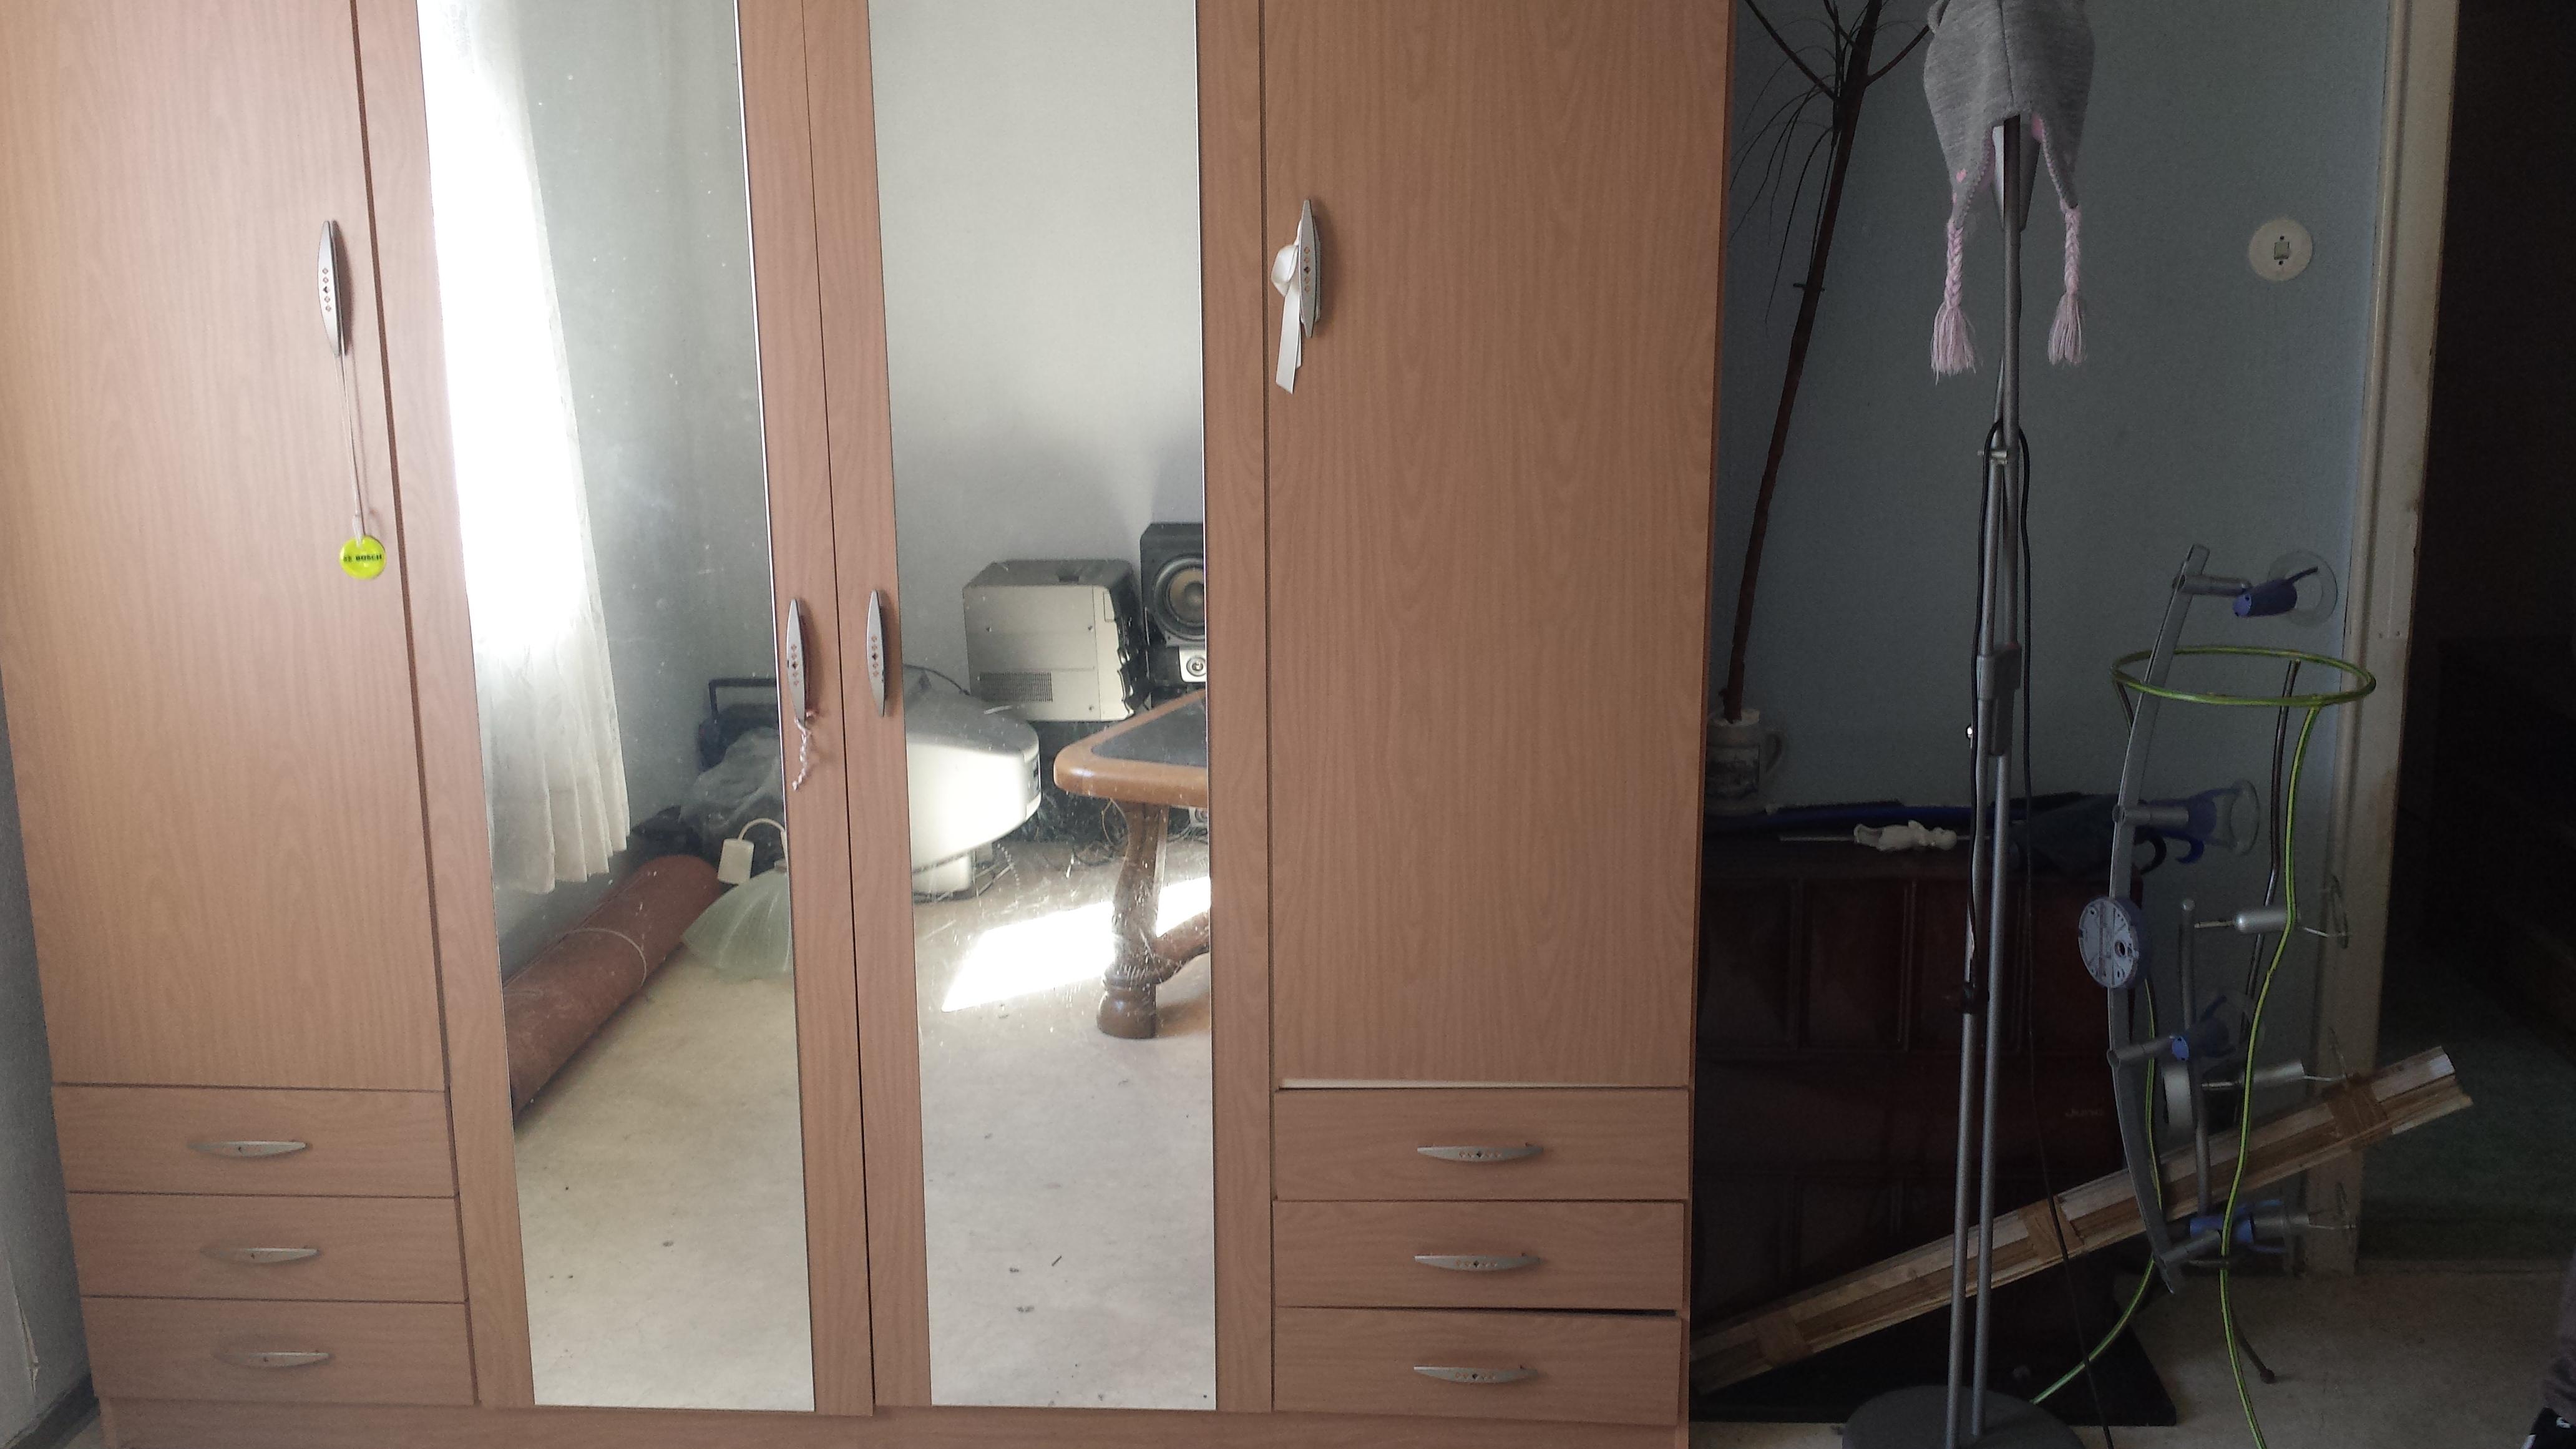 ffnungszeiten werkhof amberg sulzbach ggmbh hauptstra e 40. Black Bedroom Furniture Sets. Home Design Ideas